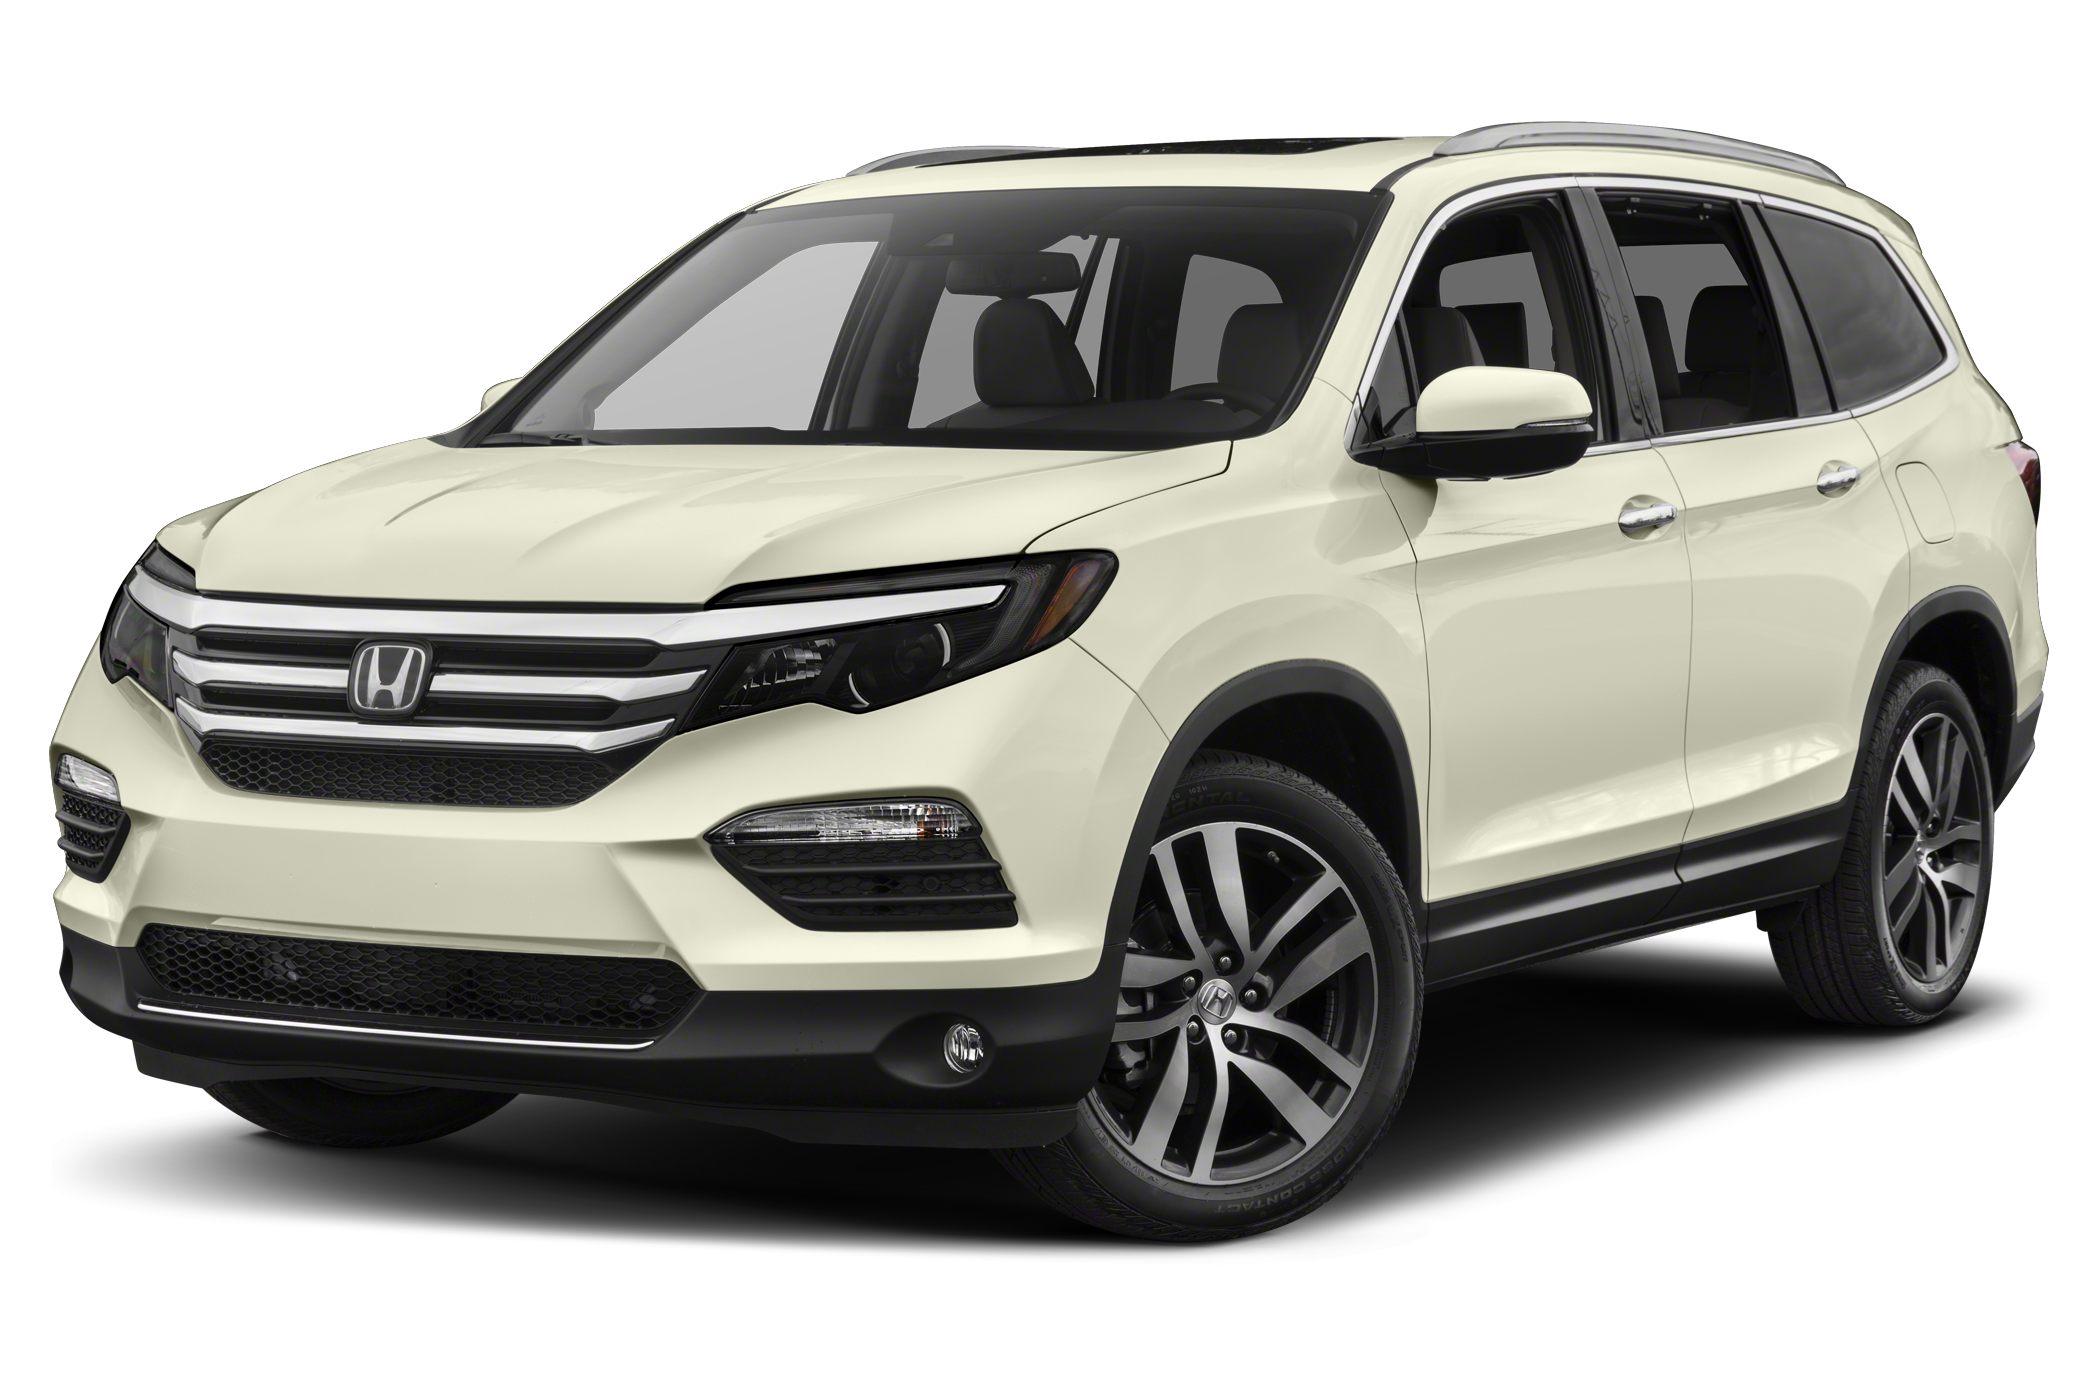 2017 Honda Pilot Reviews Specs And Prices Cars Com